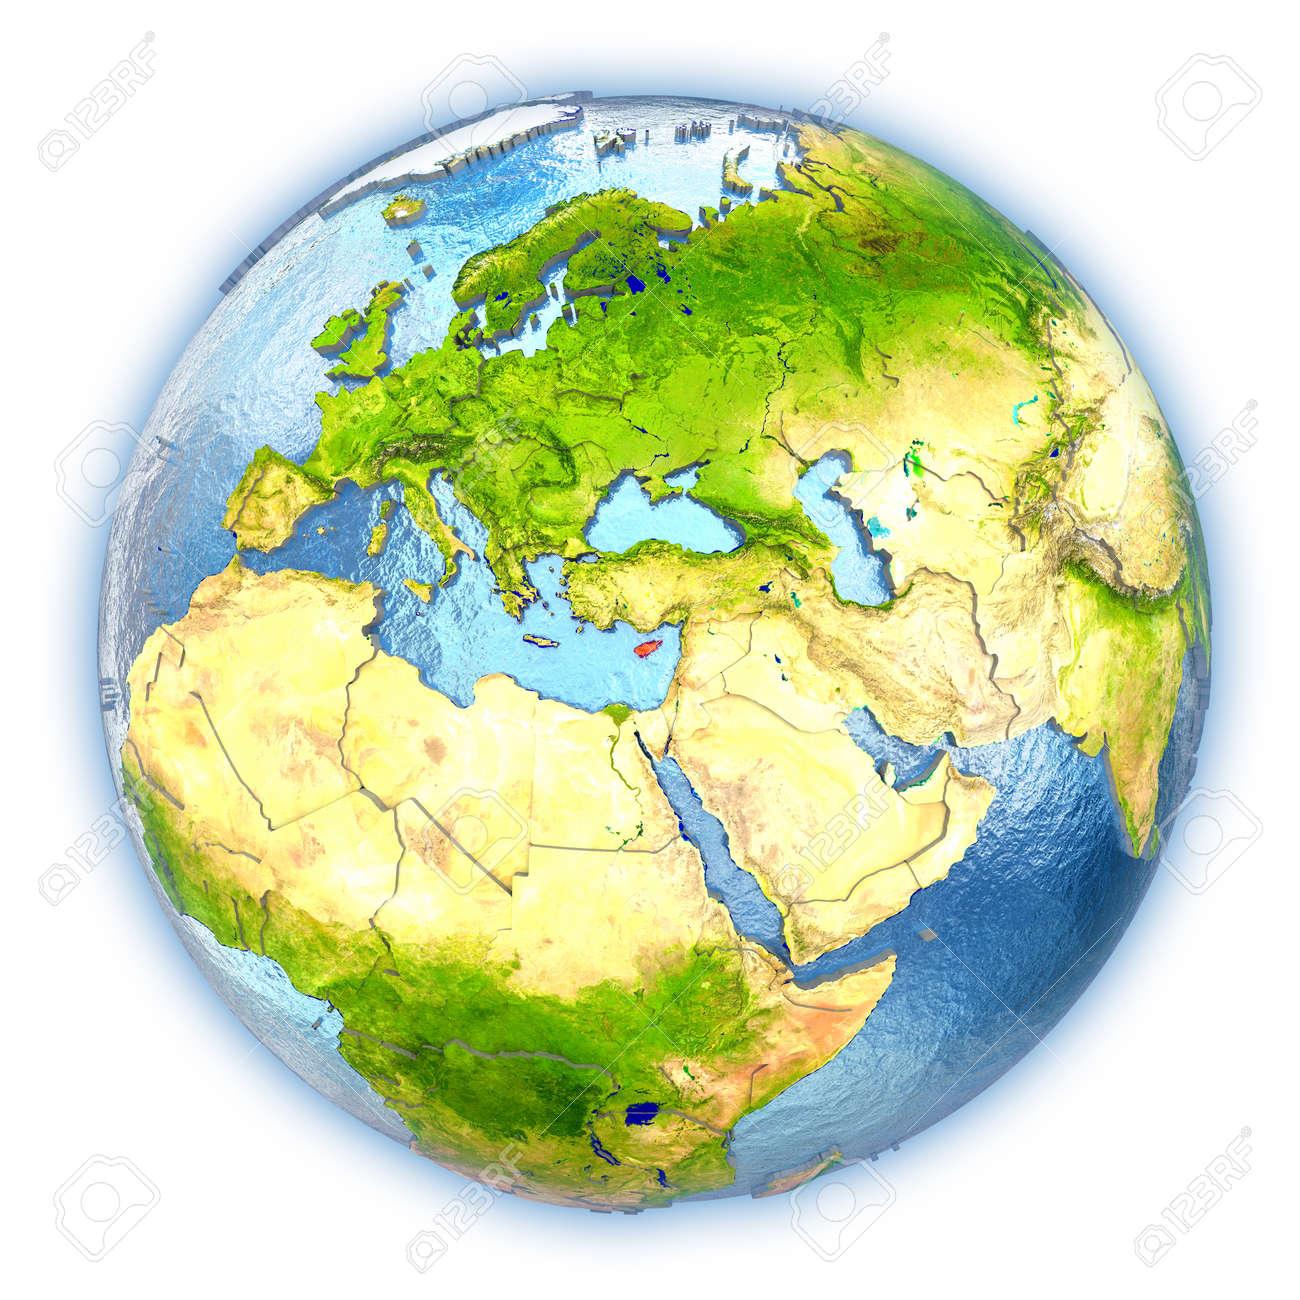 Künstlerisch Weltkugel 3d Referenz Von Standard-bild - Zypern Hob In Rot Auf